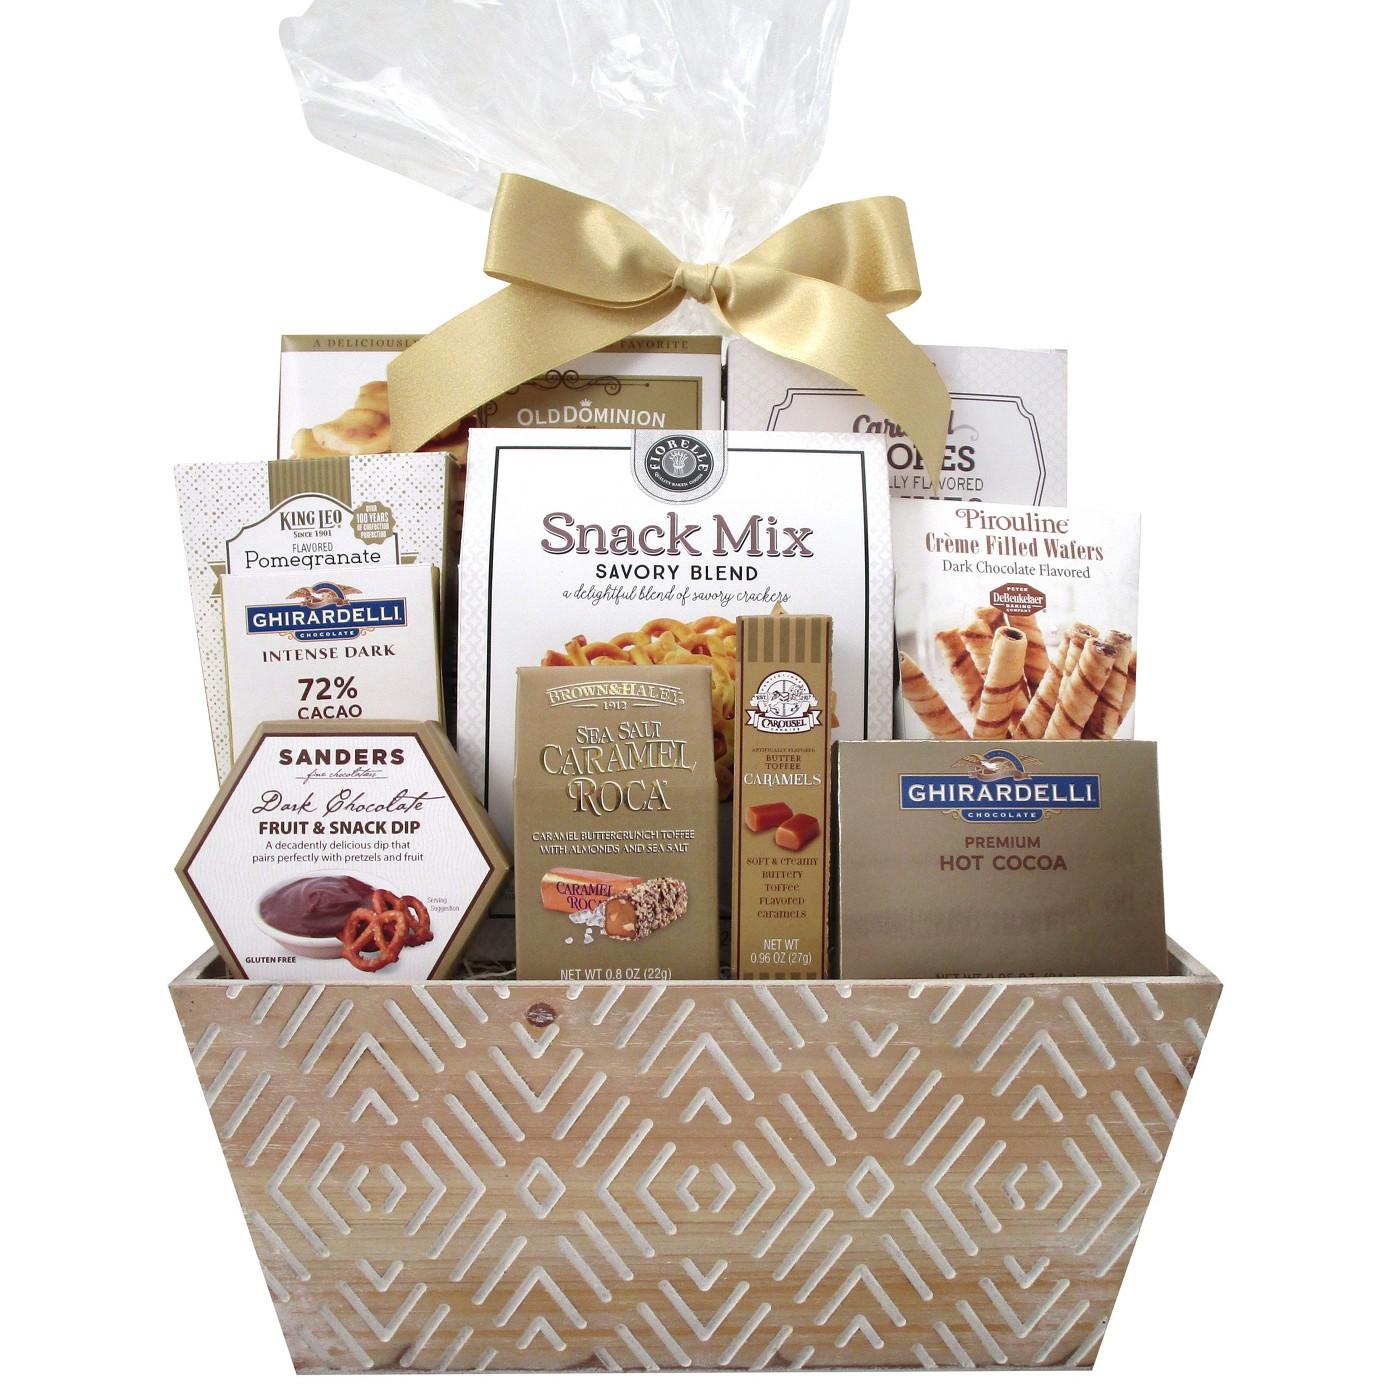 Christmas Etched Wood Whitewash Gift Basket - 26.39oz - image 1 of 1